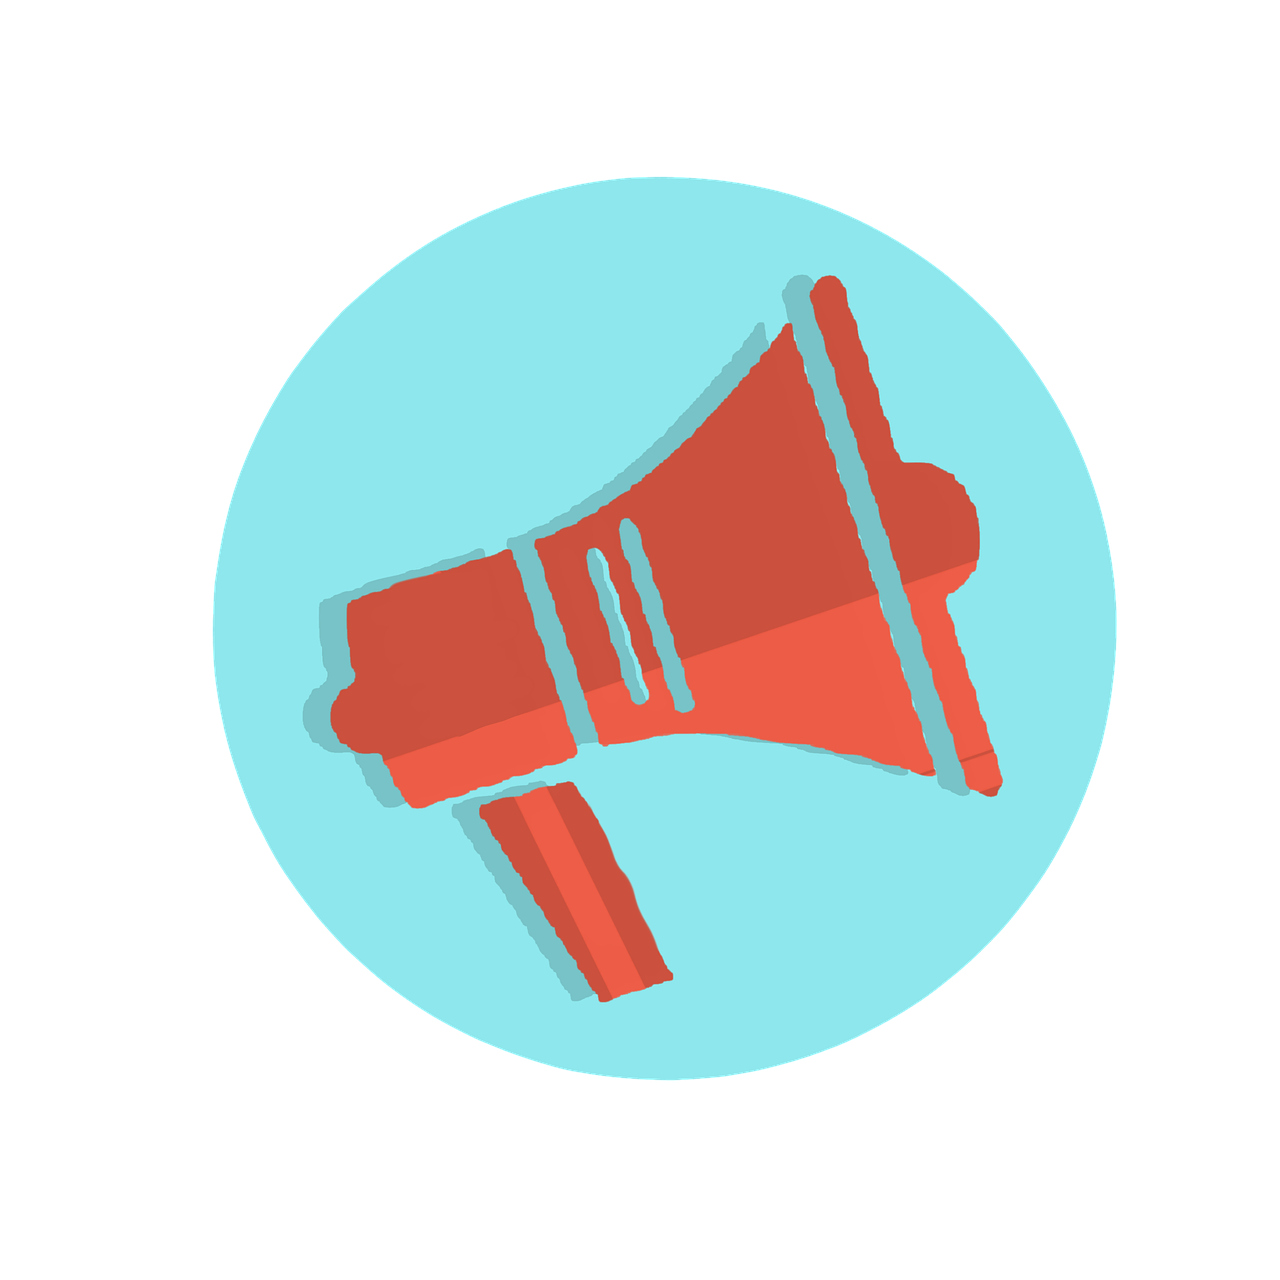 ไอคอน เข้าสู่ระบบ ลำโพง - ภาพฟรีบน Pixabay